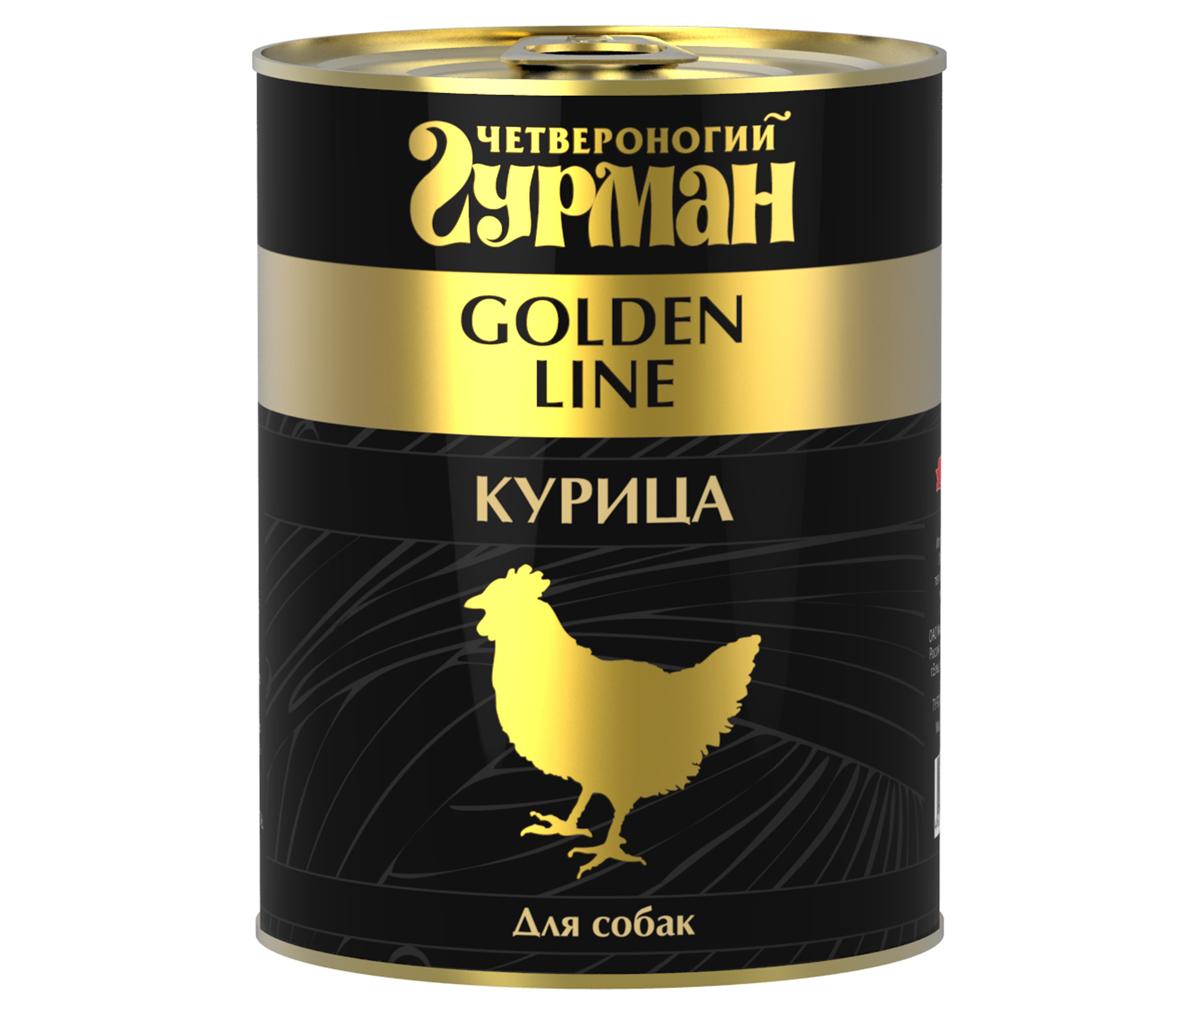 Консервы для собак Четвероногий Гурман, с курицей, 340 г консервы четвероногий гурман для молодых хорьков с цыпленком и телятиной в желе 100 г